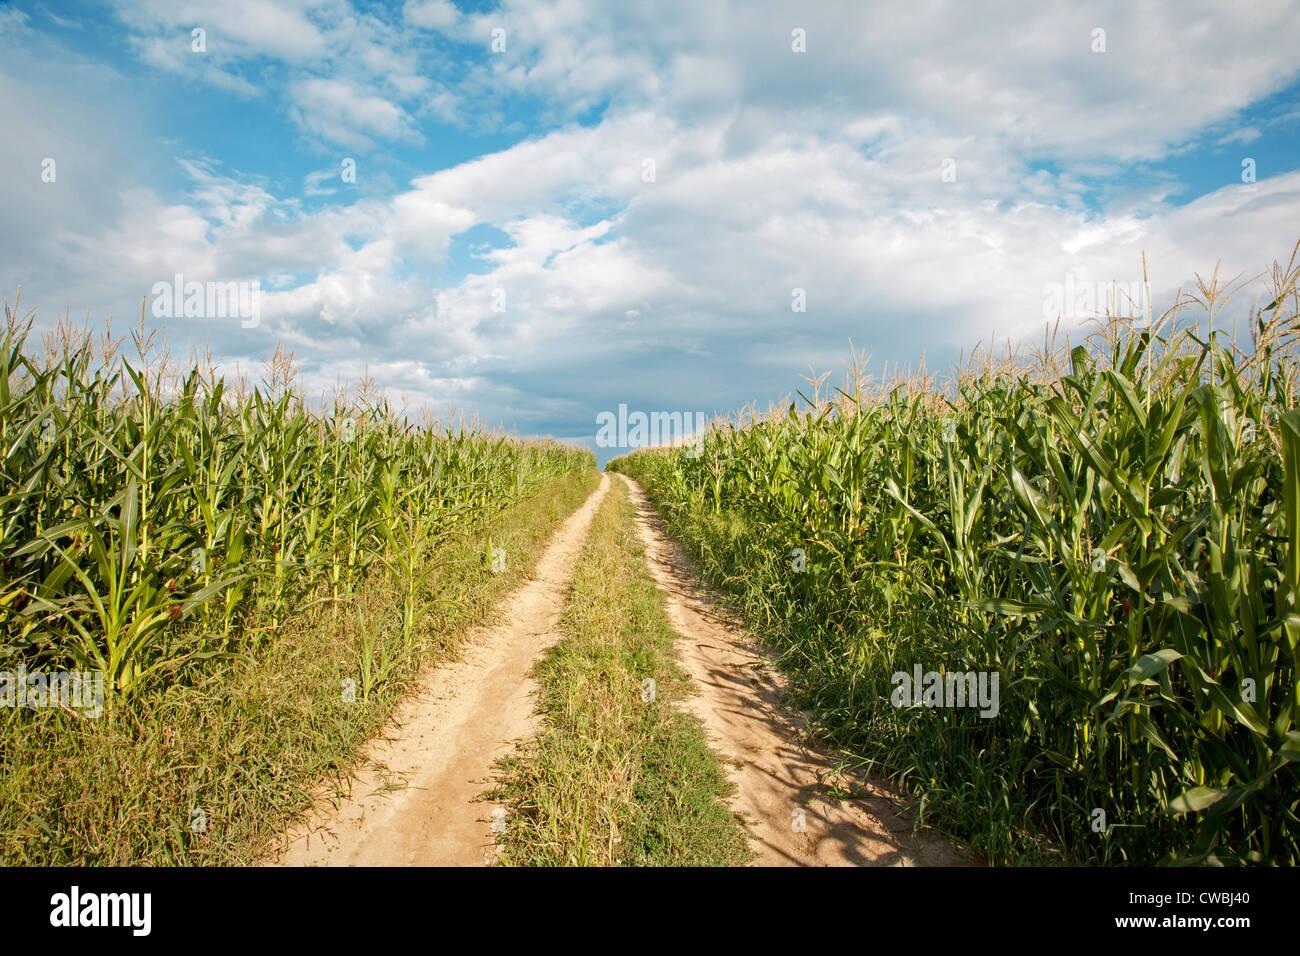 Cours sur le champ de maïs Photo Stock